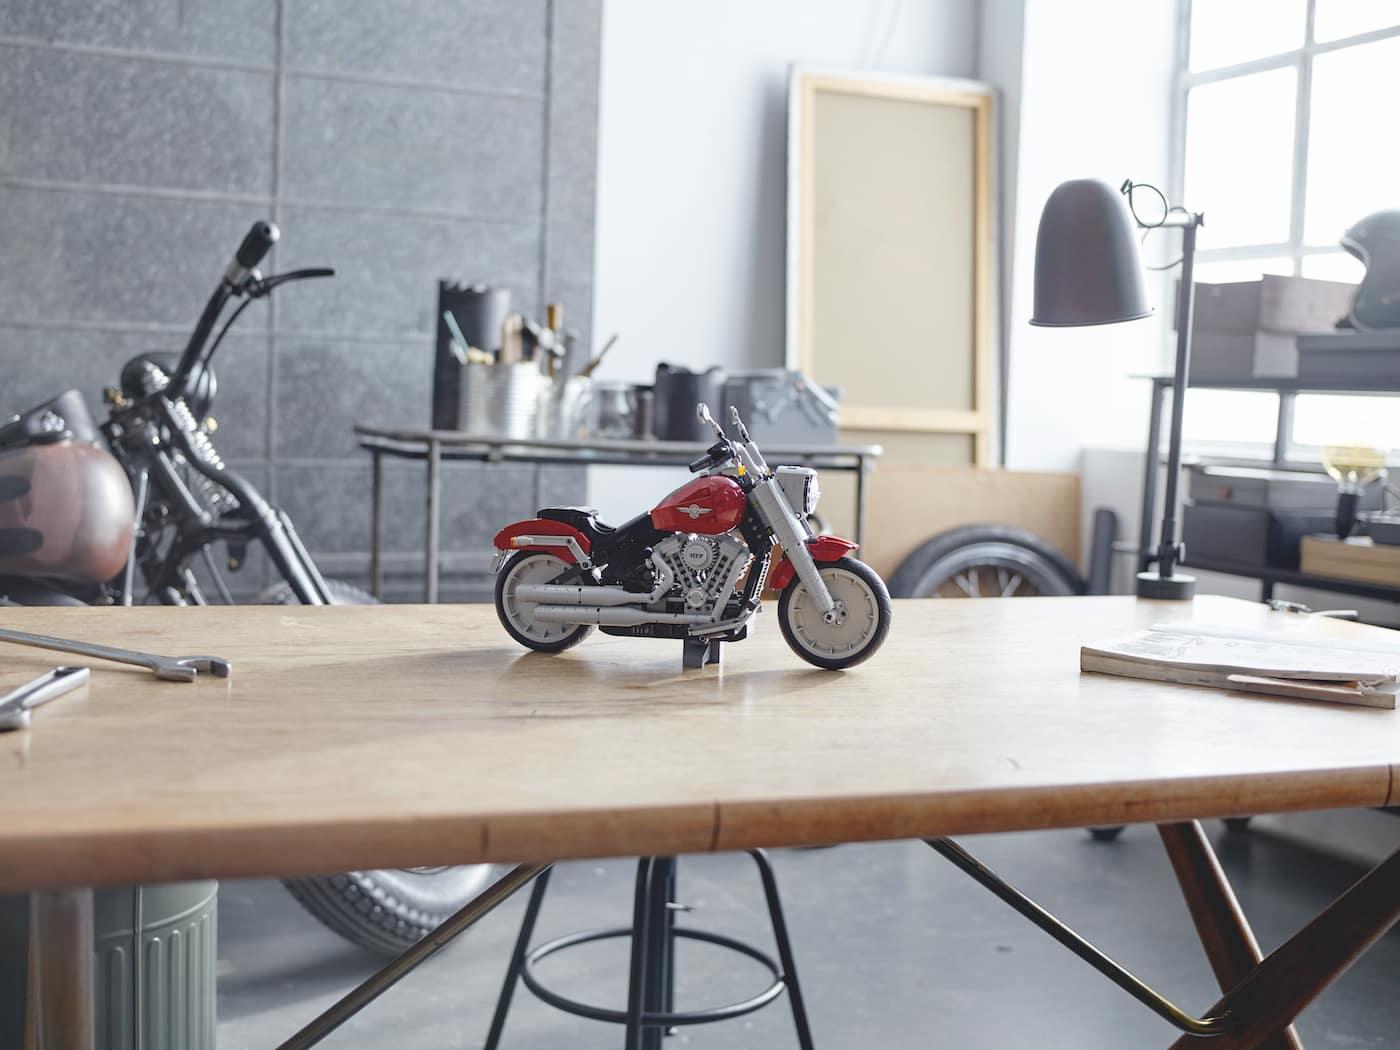 LEGO präsentiert ein neues Harley Davidson Replica Modell zum nachbauen 4